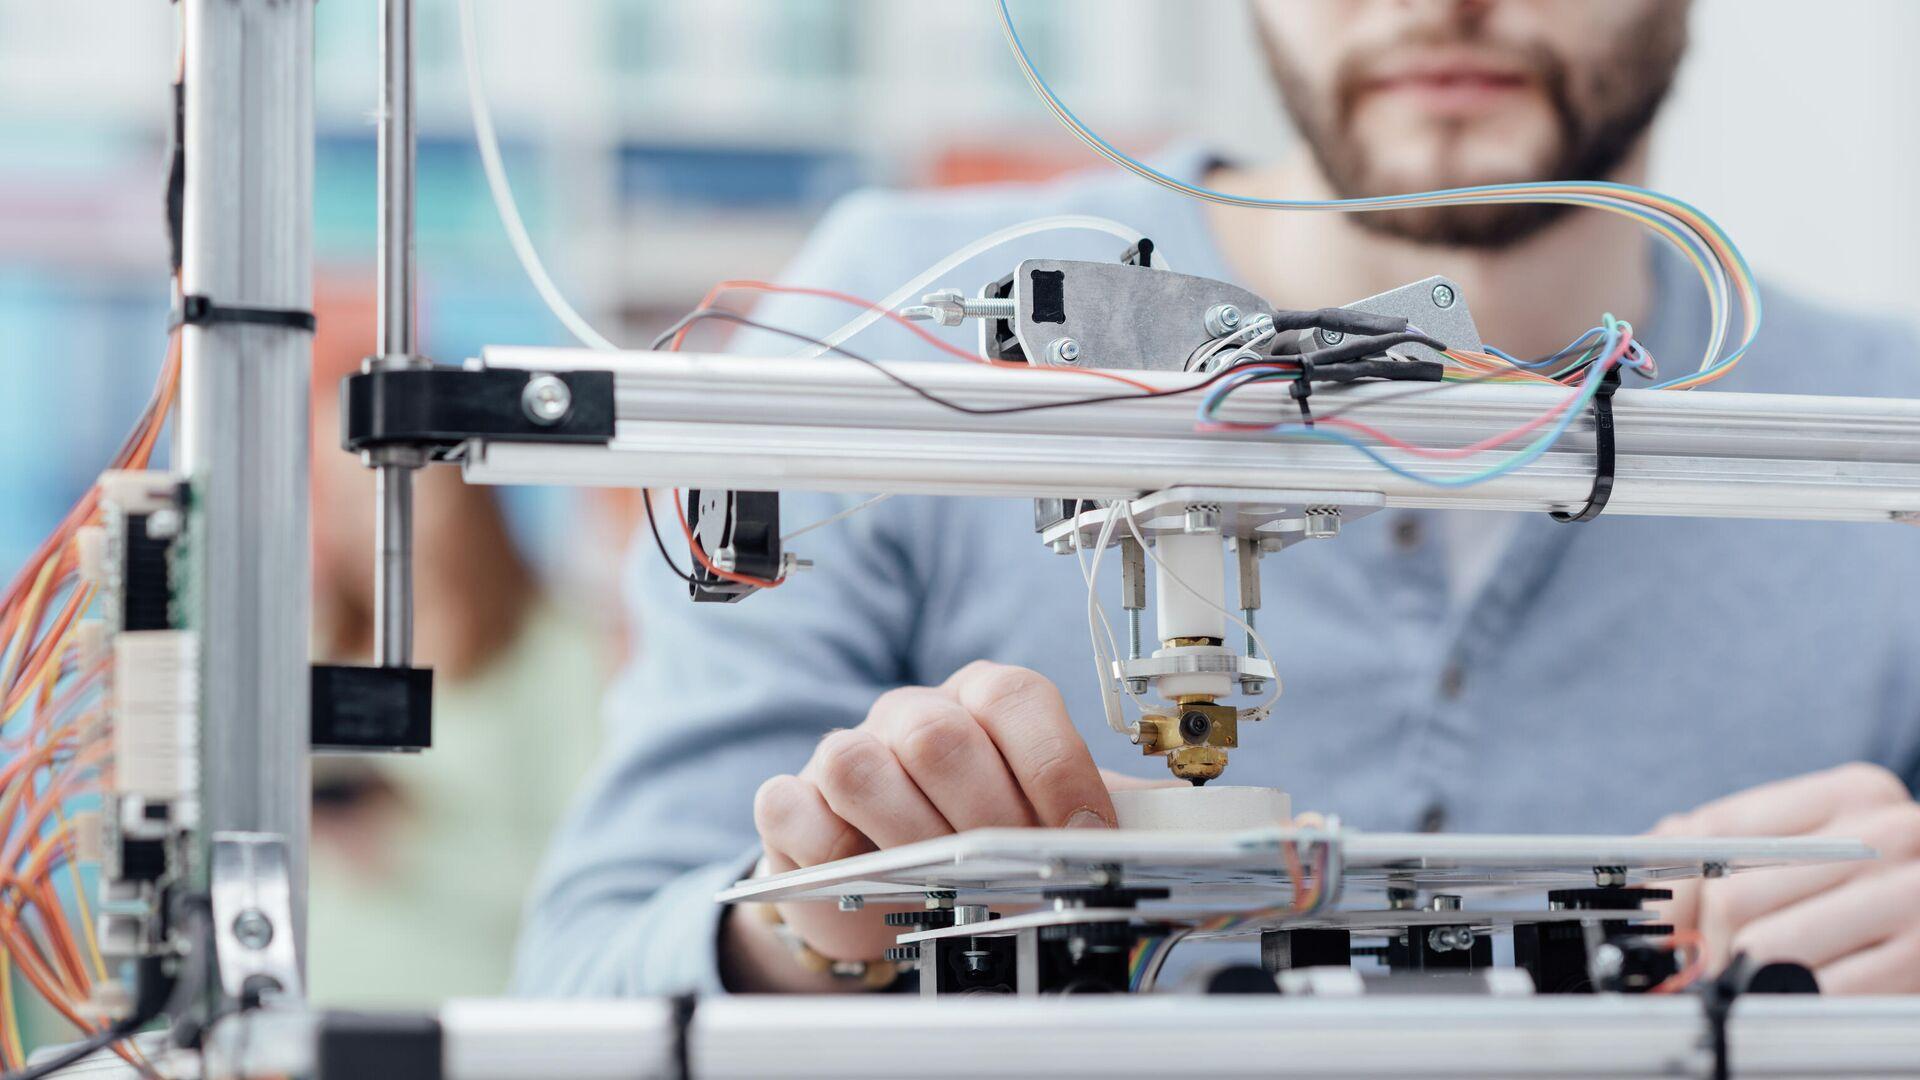 Инженер во время работы с 3D-принтером - РИА Новости, 1920, 11.06.2021